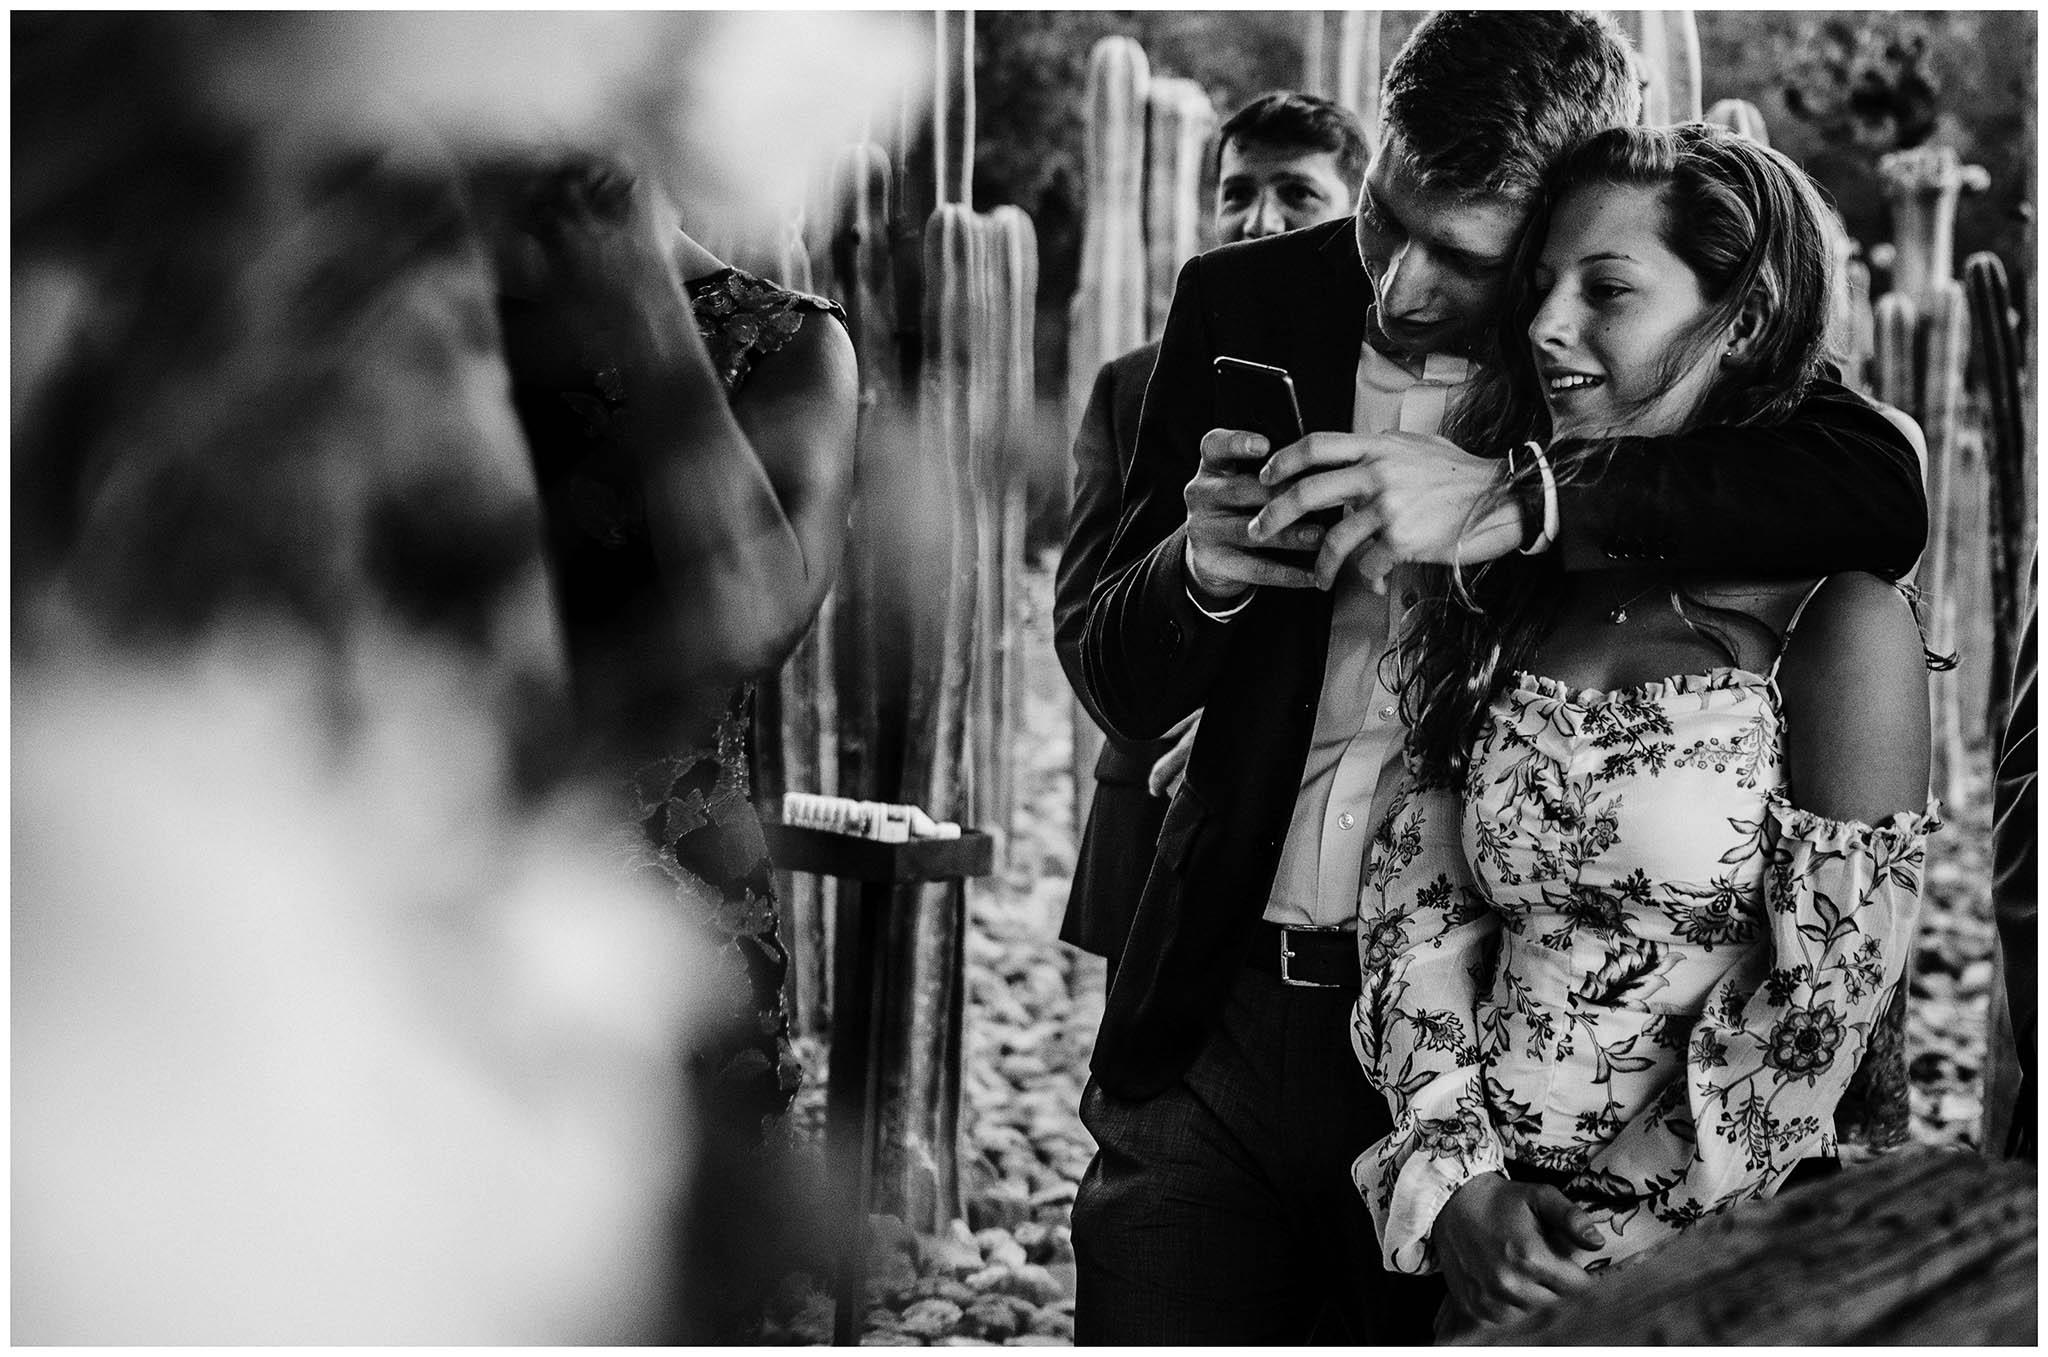 fotografo-bodas-viñedo-puerta-lobo-026.jpg